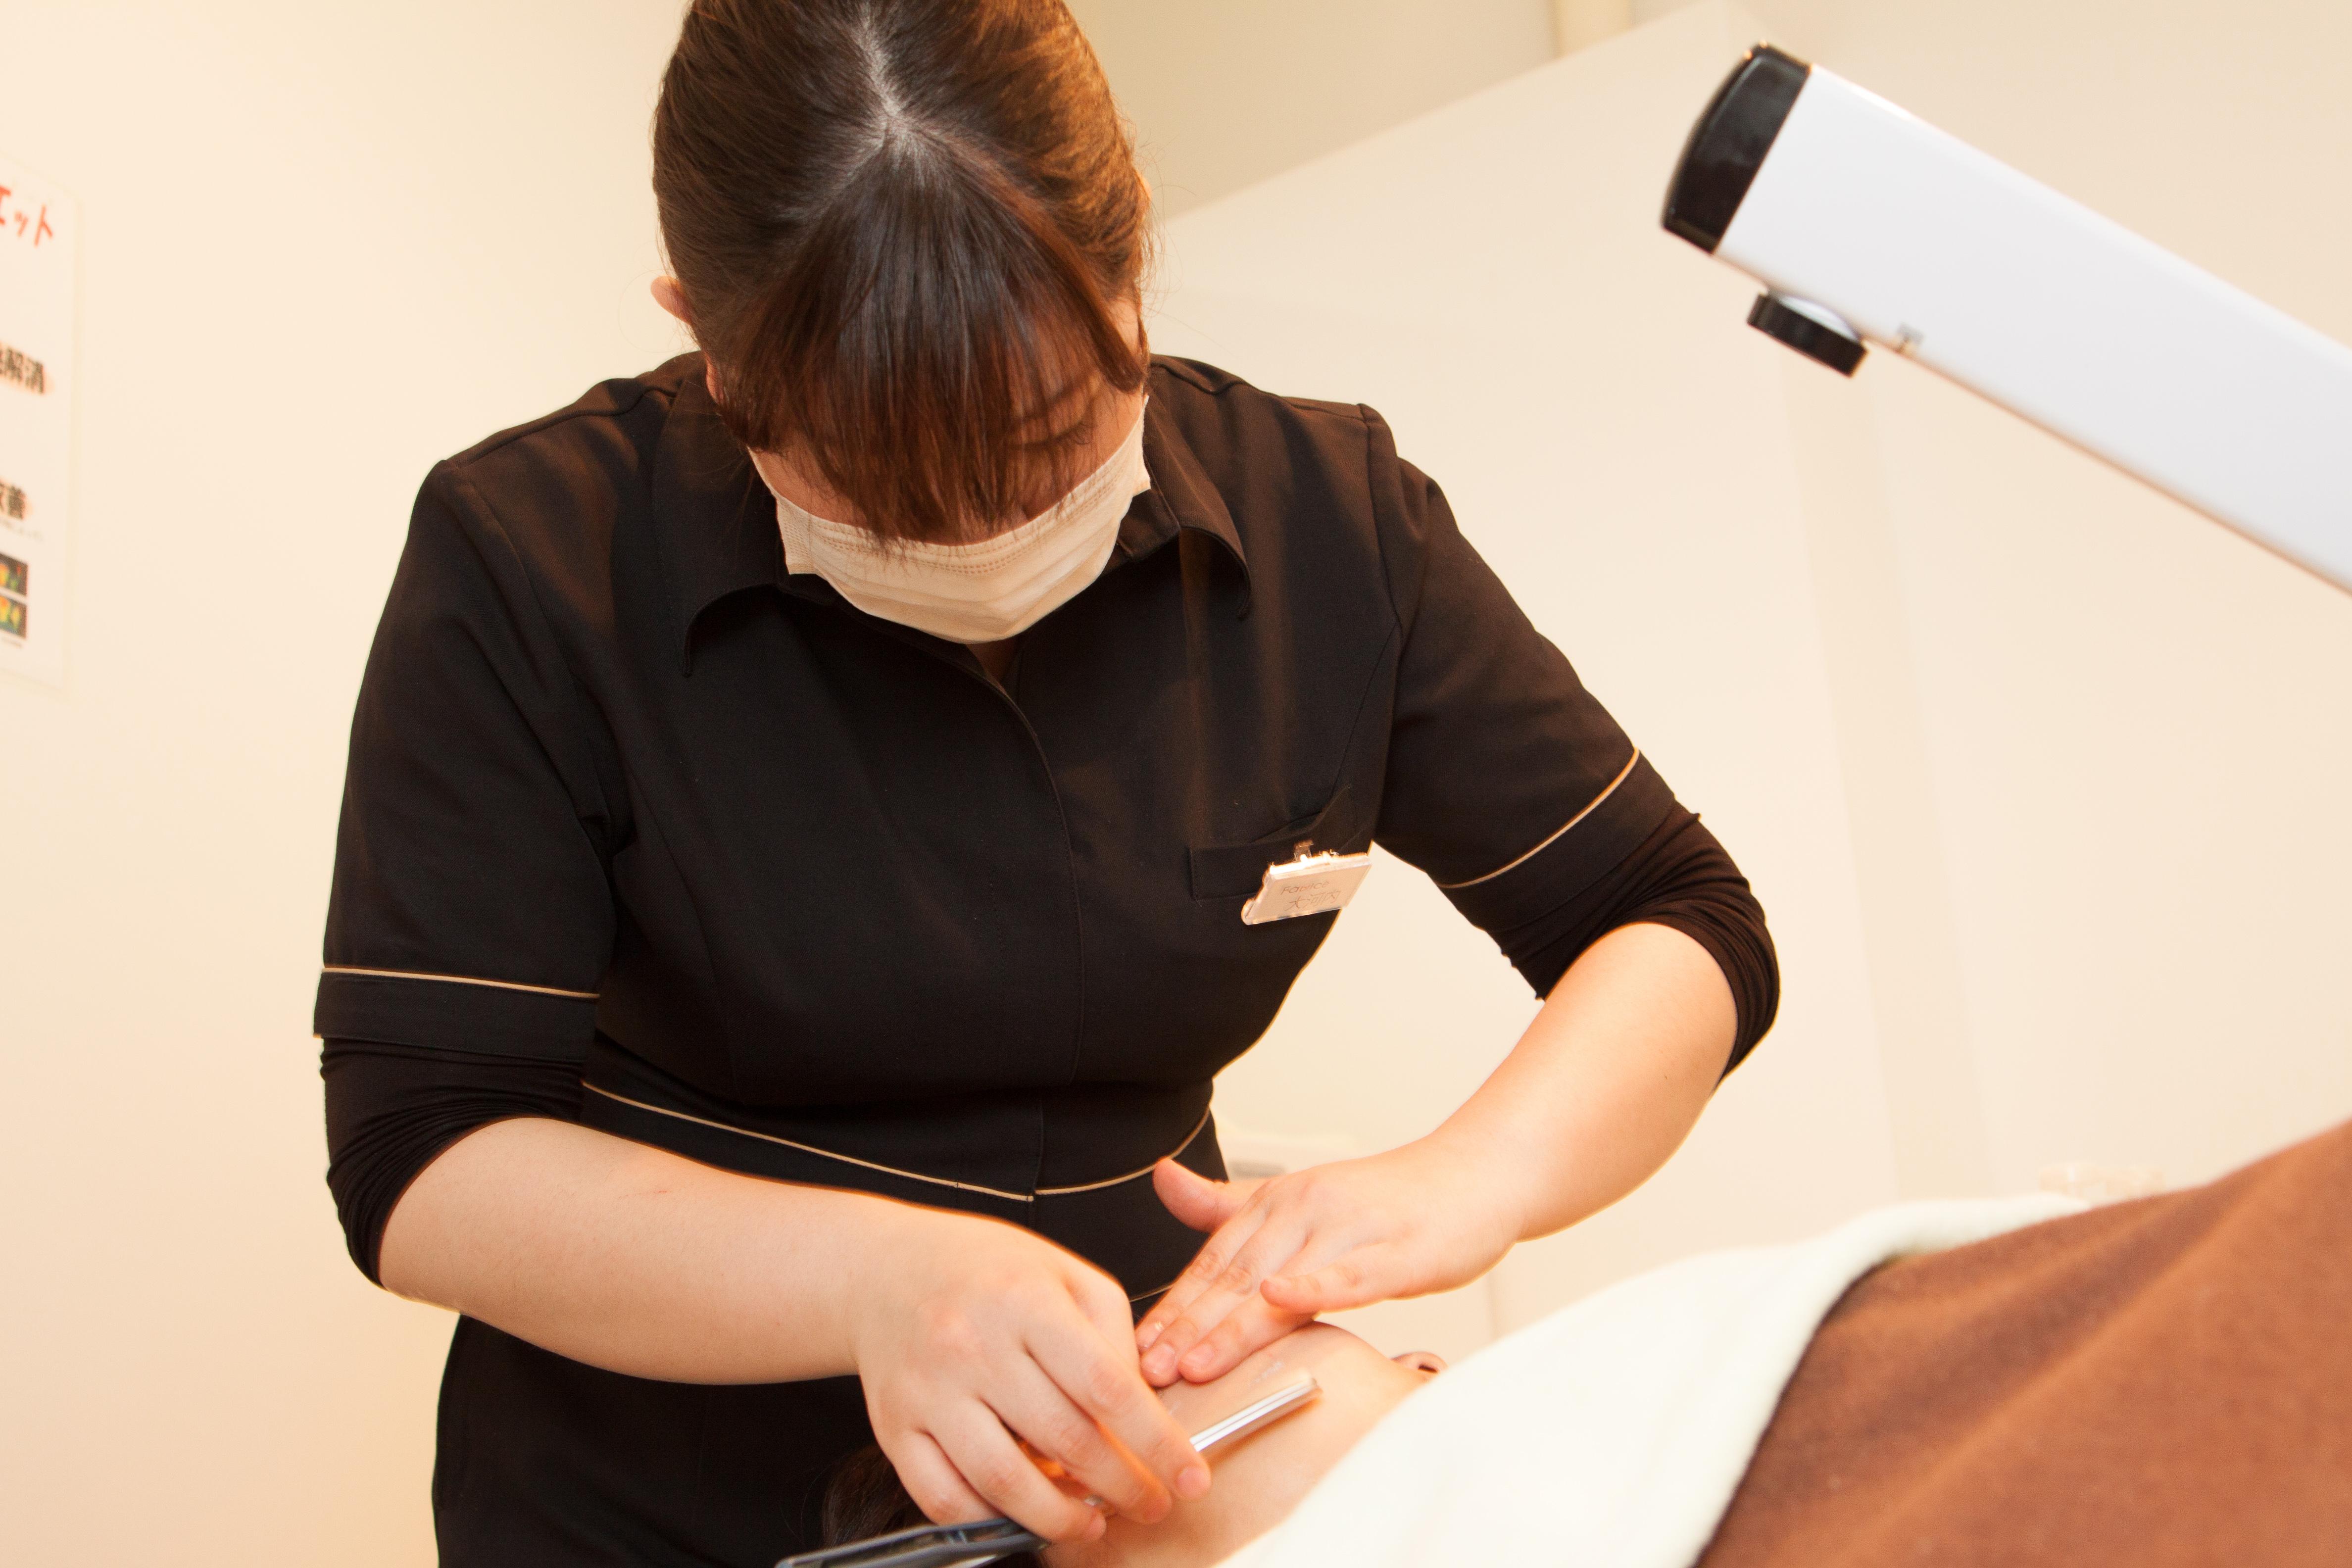 素肌美人をめざそう!松坂屋南館『ファブリス』で女性のための肌に優しいシェービングを体験 - IMG 3606